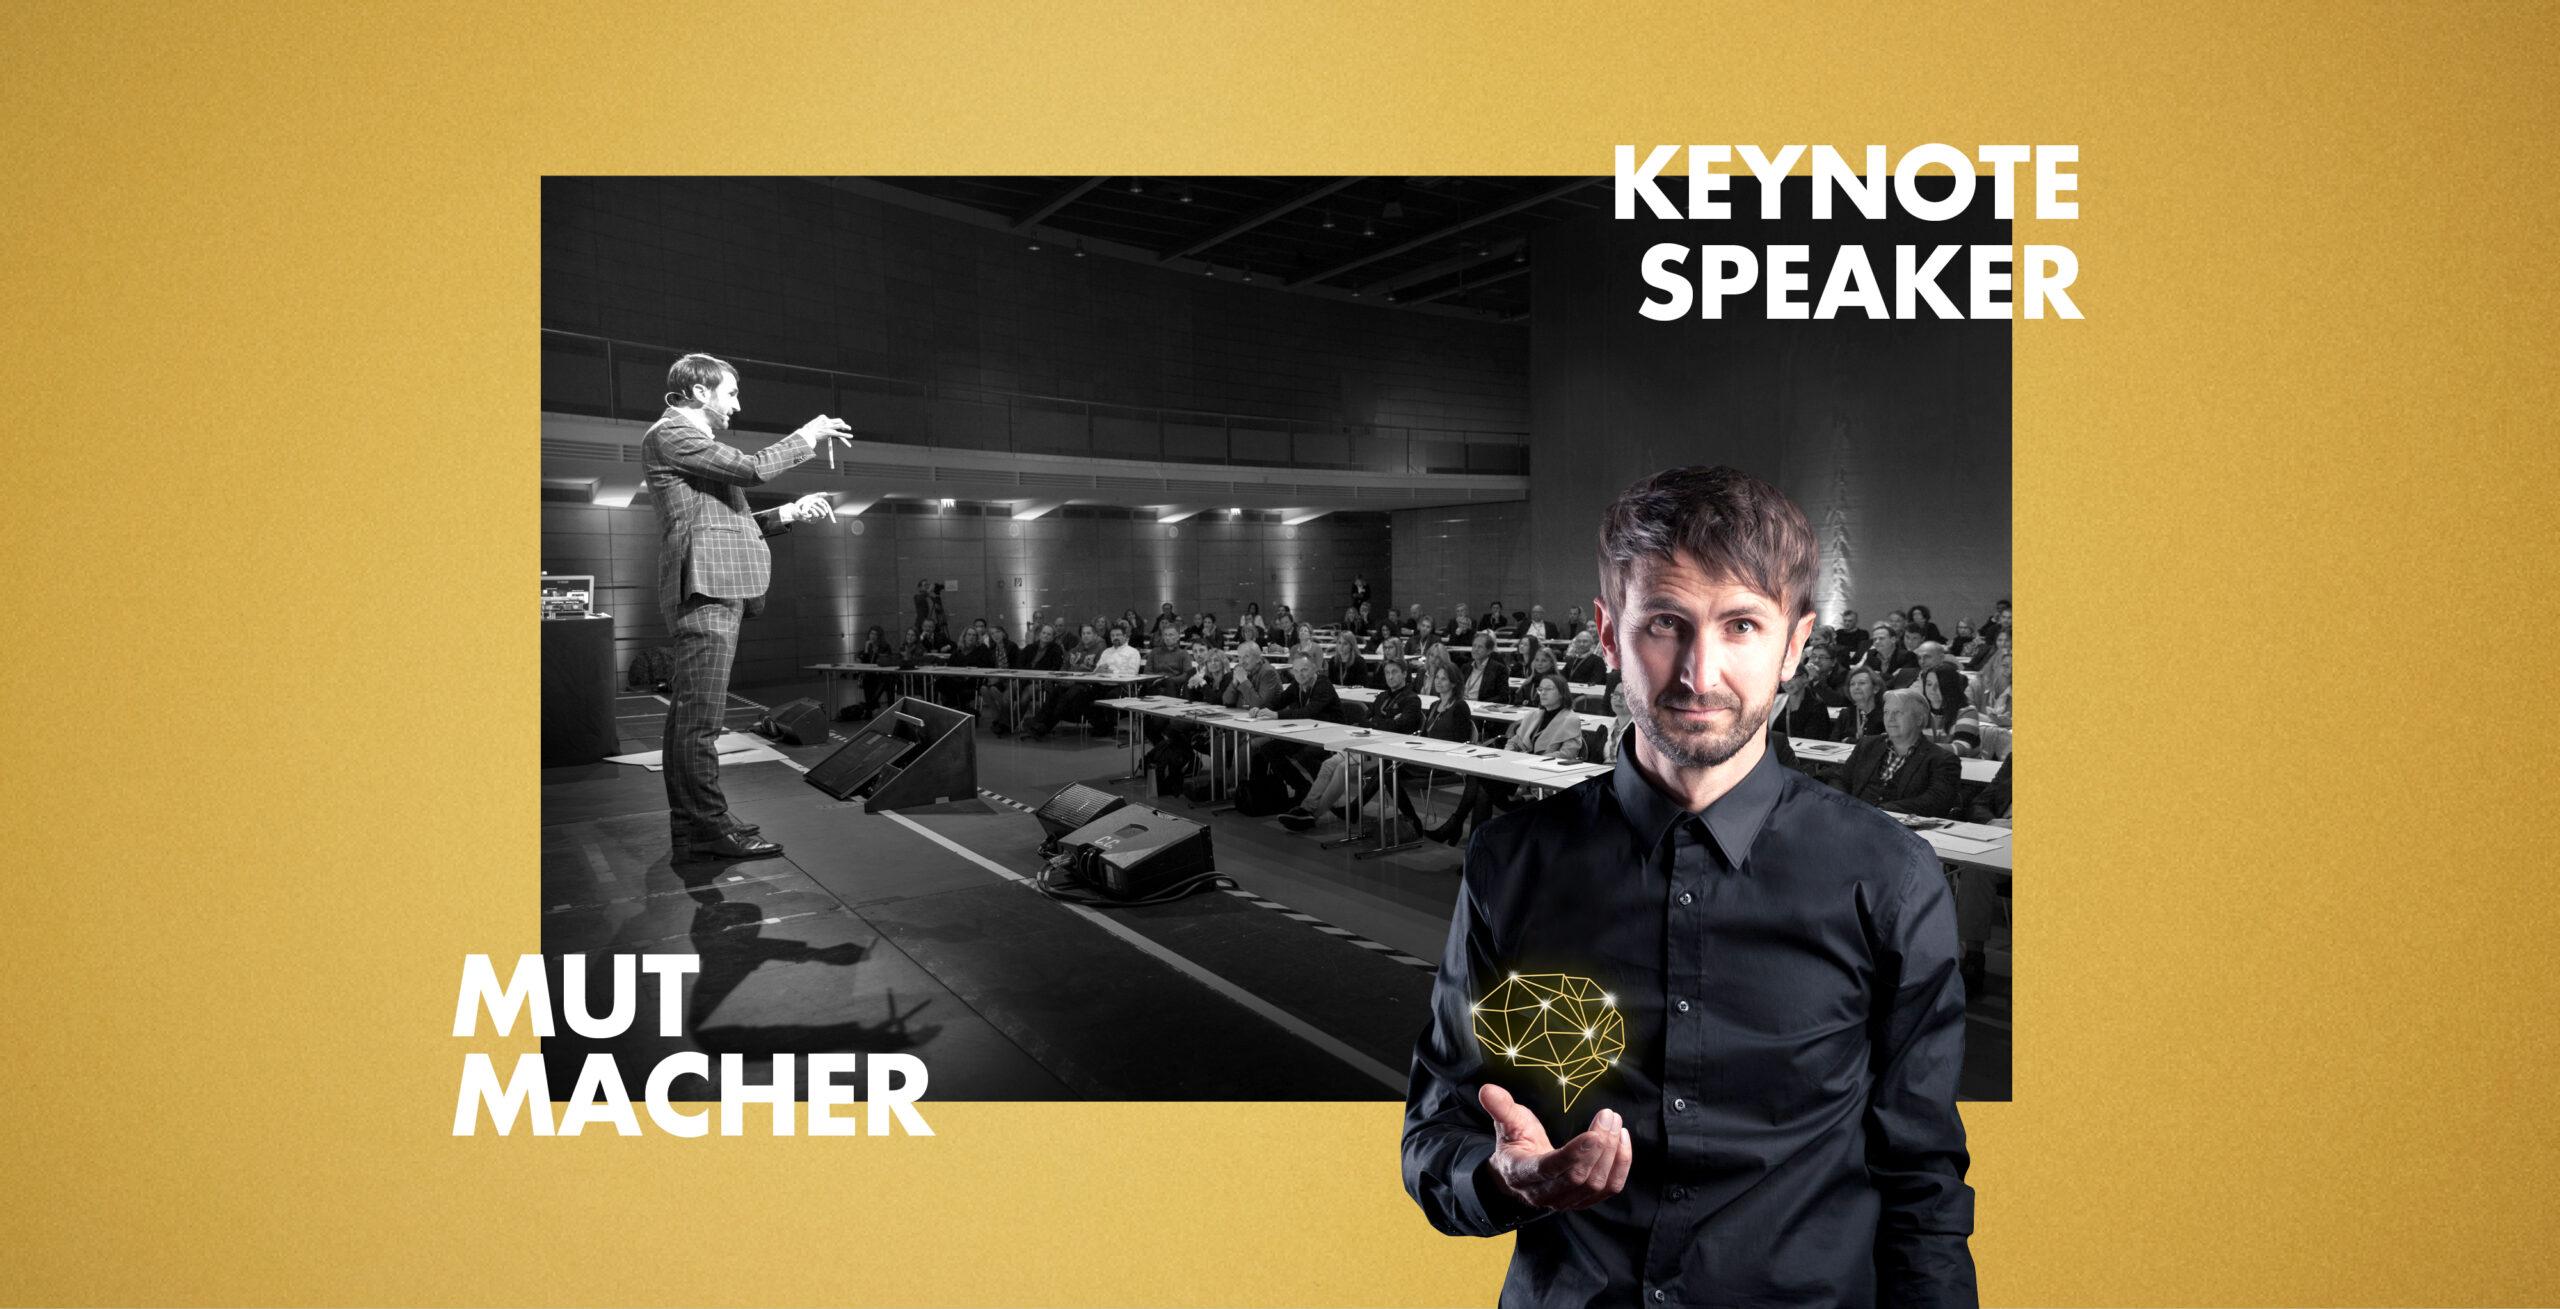 Keynote Speaker und Mutmacher Jakob Lipp vor b2b-Publikum